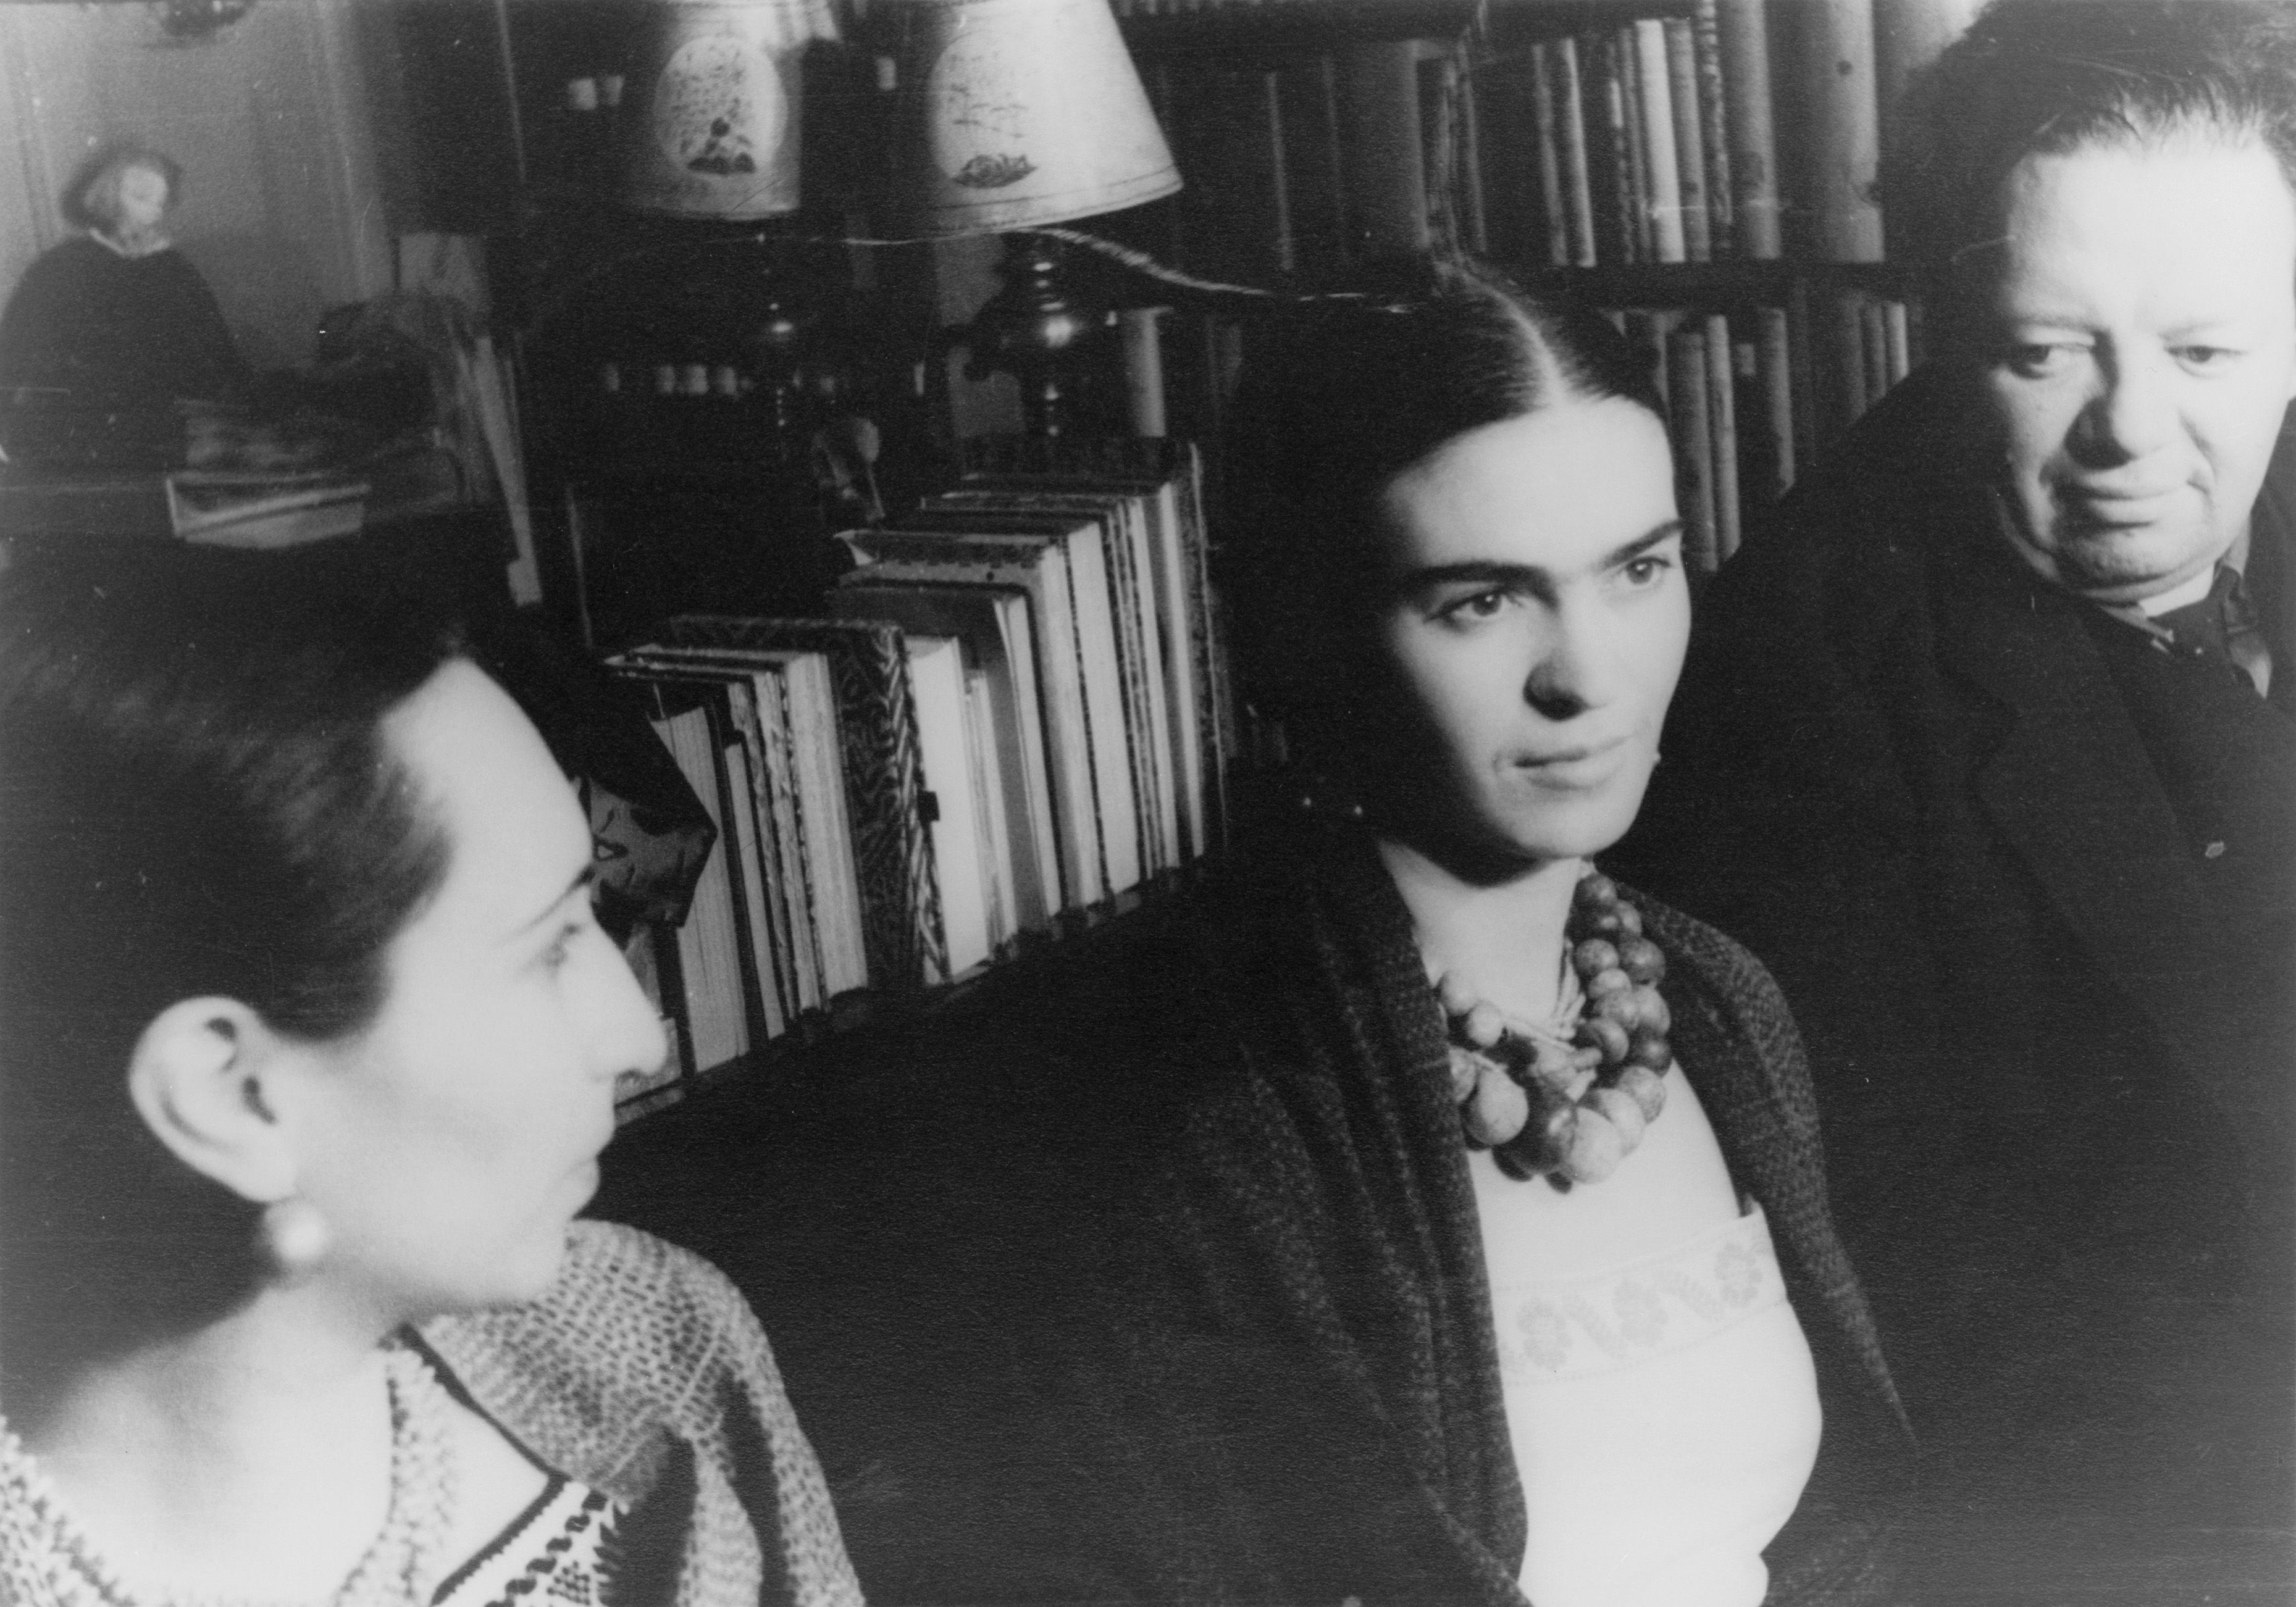 Frida Kahlo e Diego Rivera retratados em uma foto antiga.